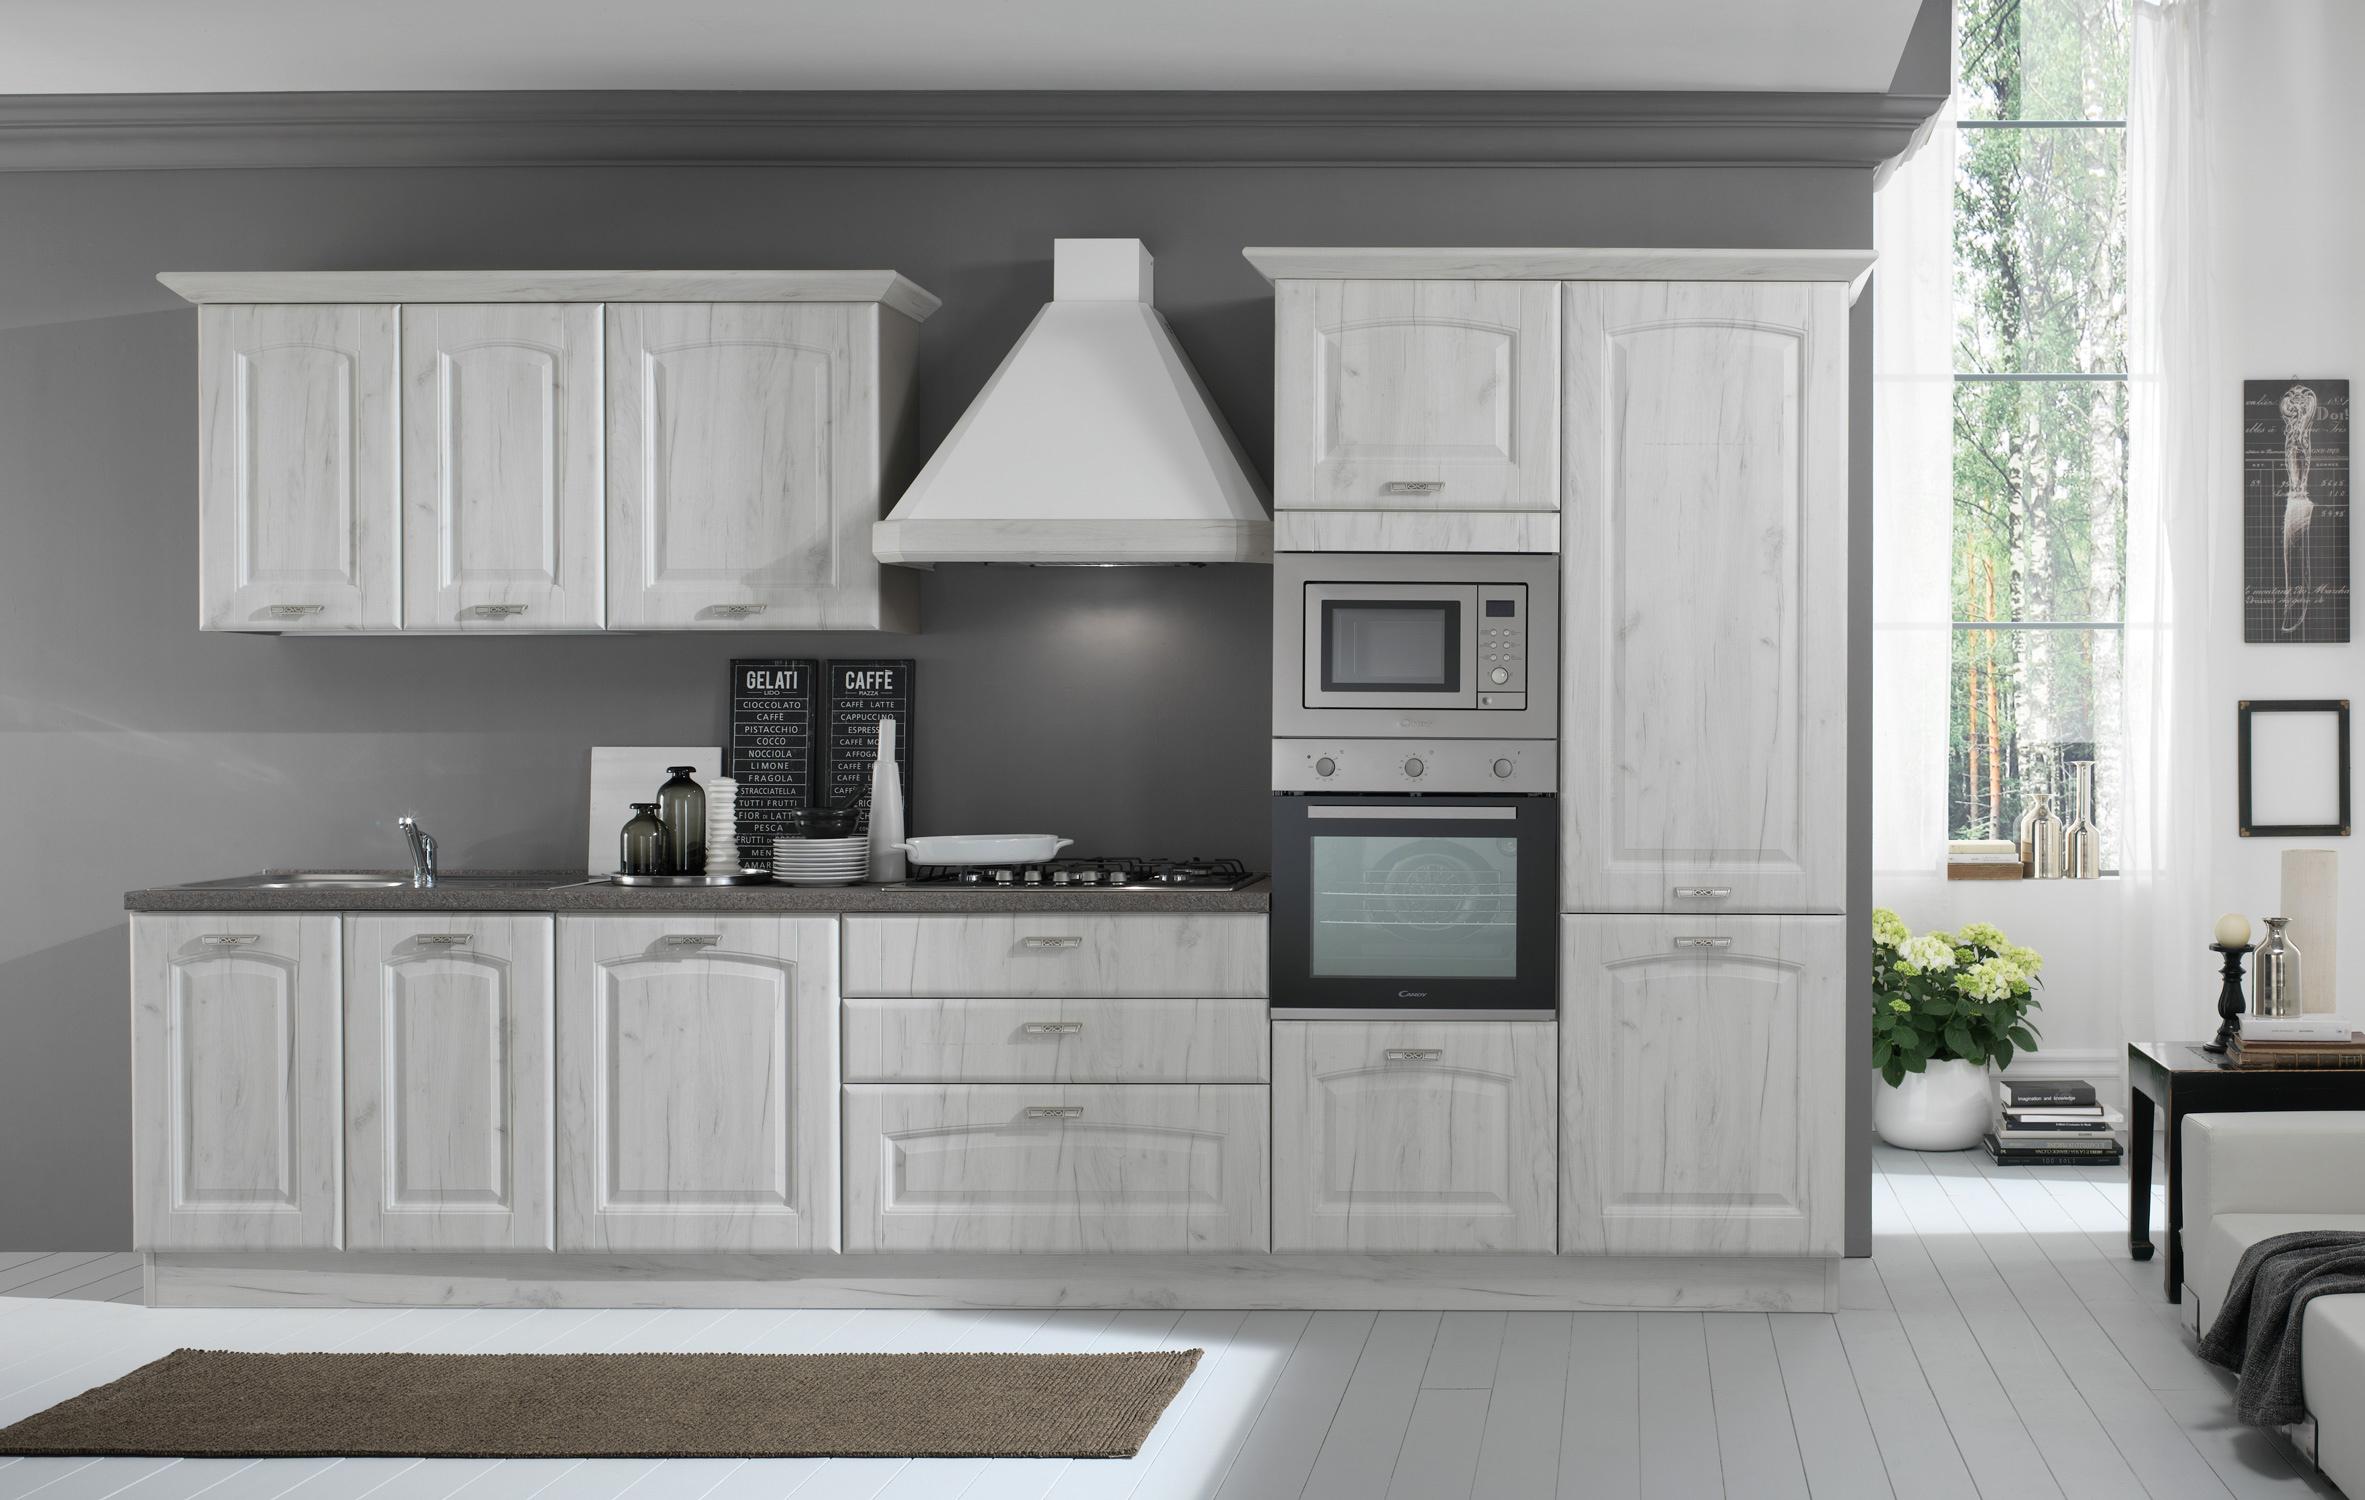 Cucina Sofia con lavastoviglie | Arredamenti Di Lorenzo Napoli